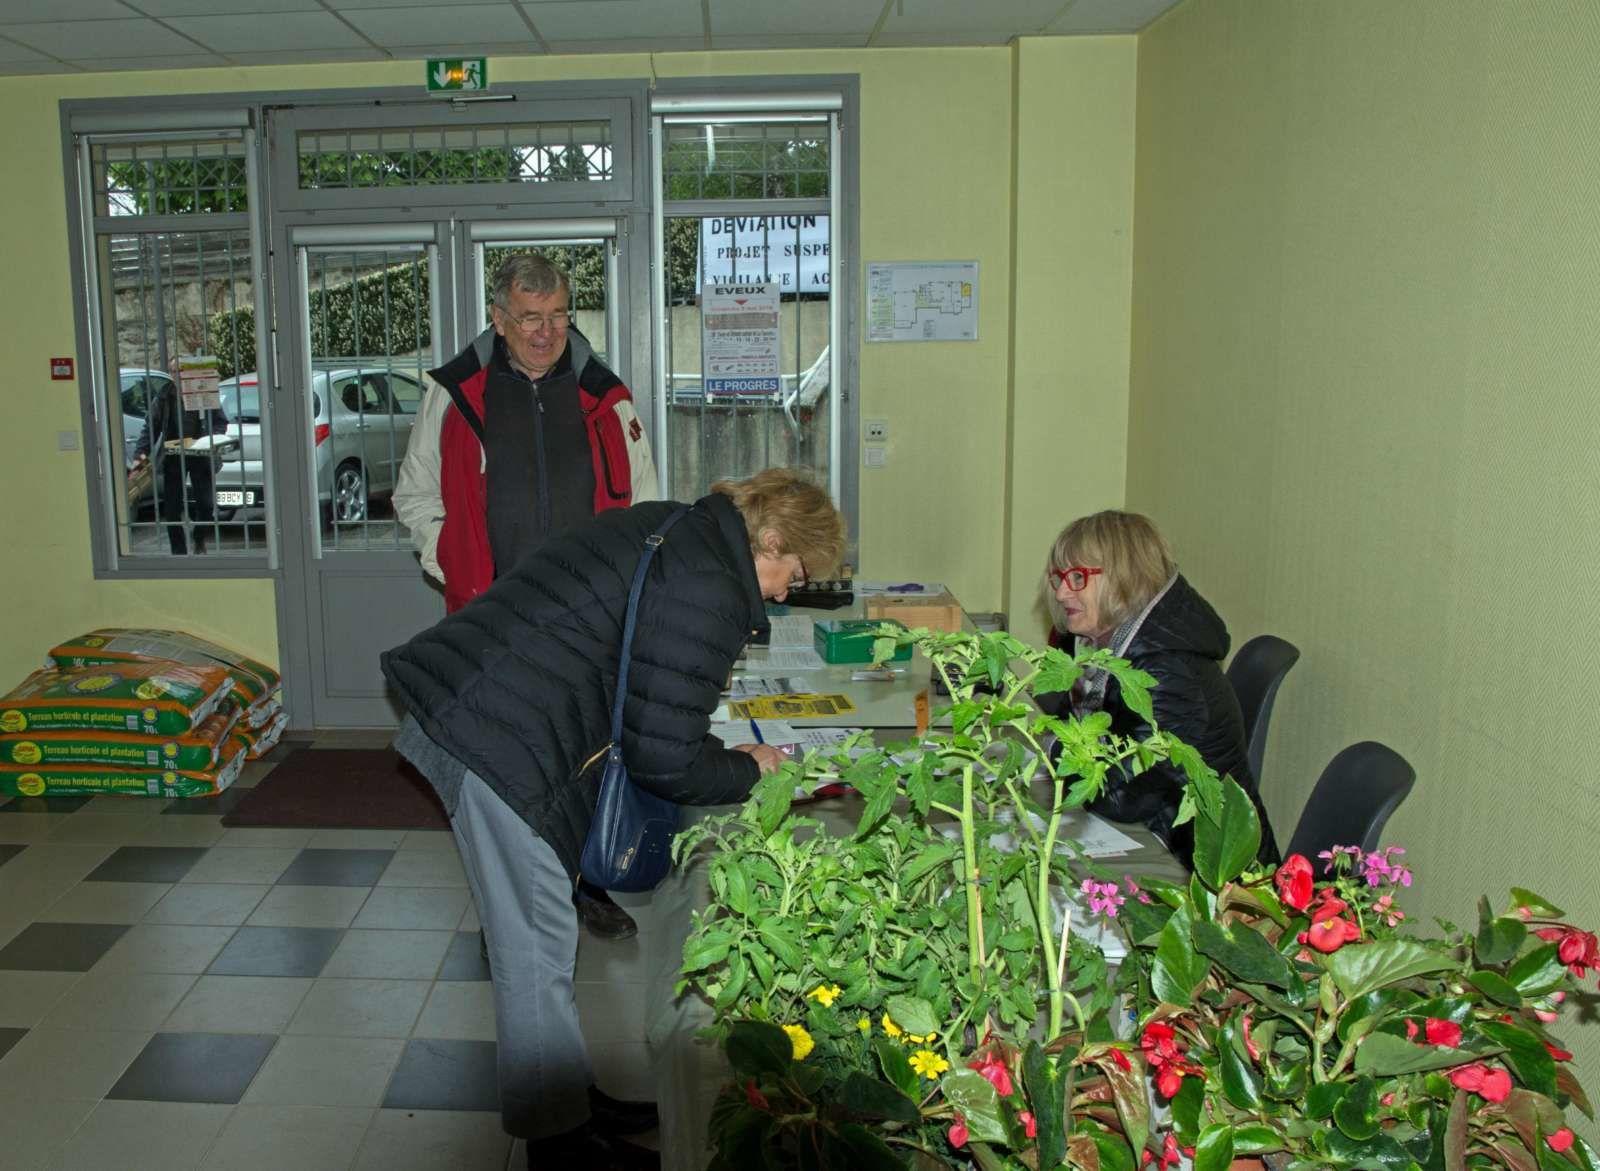 Vente de fleurs opération réussie